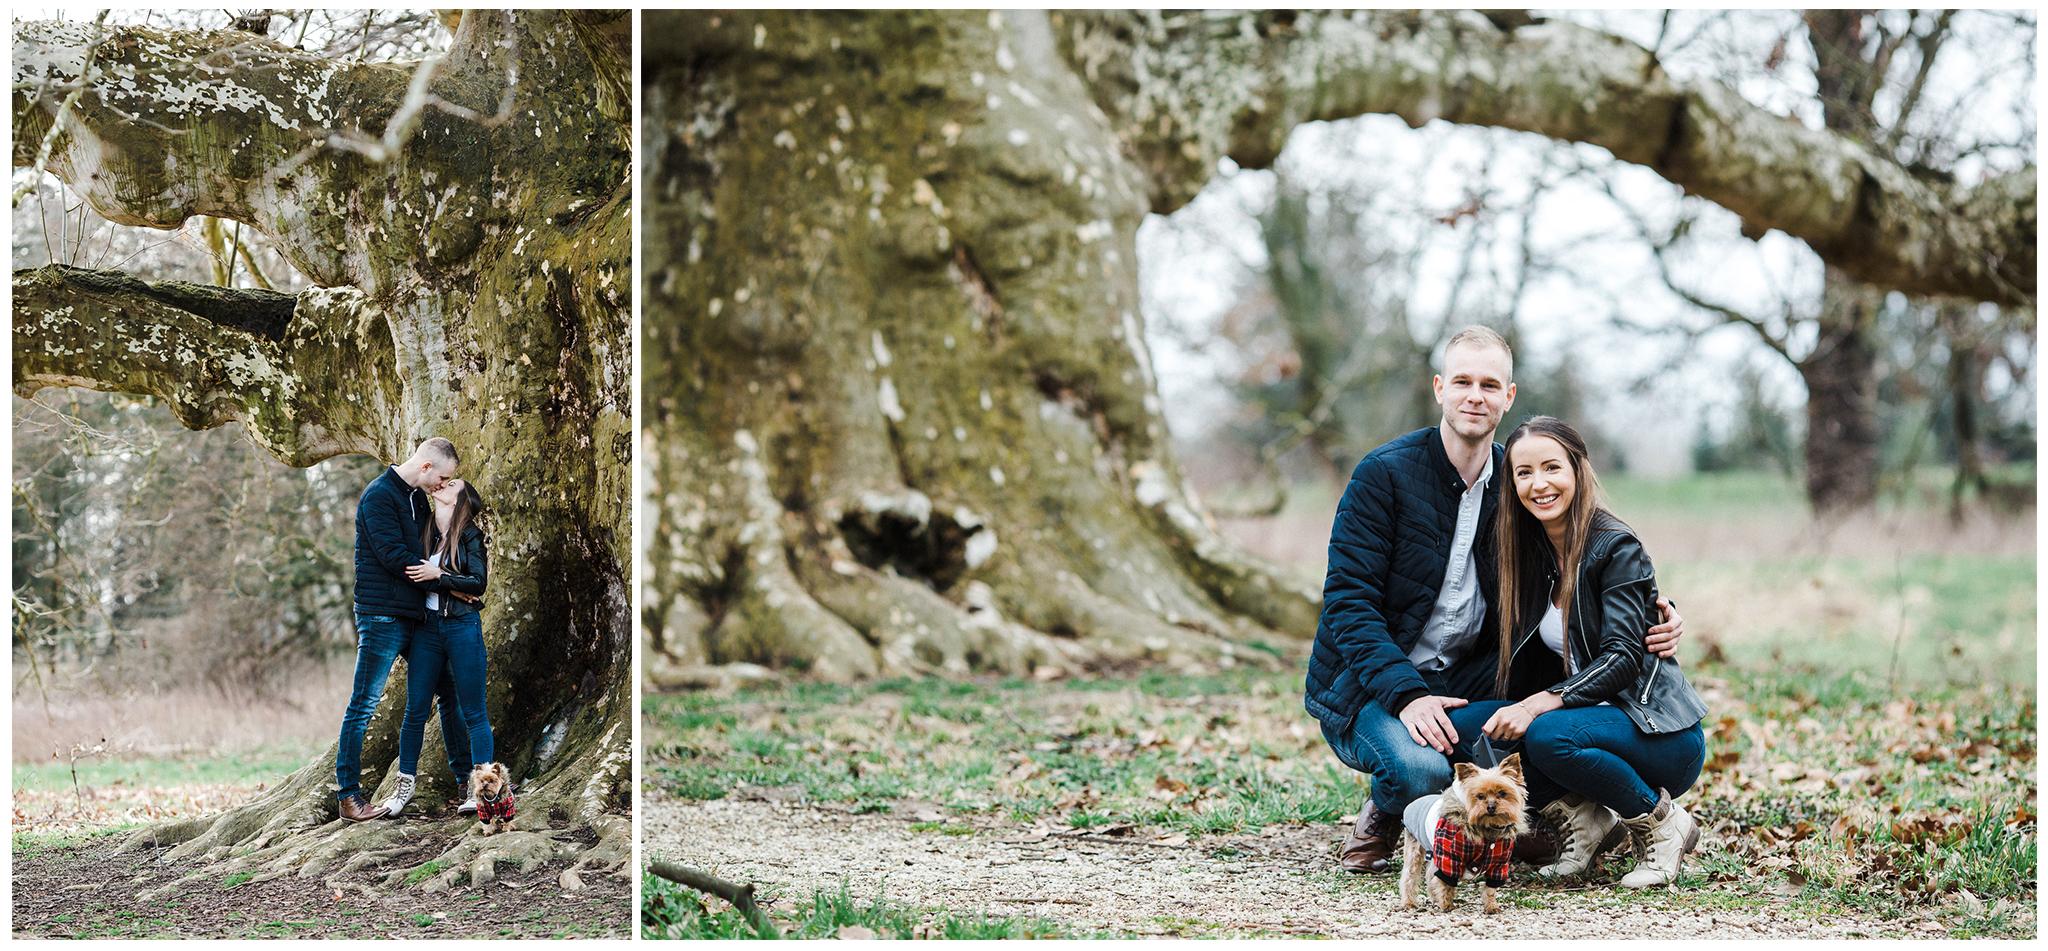 MONT_FylepPhoto, Esküvőfotós Vasmegye, Esküvő fotózás, Esküvői fotós, Körmend, Vas megye, Dunántúl, Budapest, Fülöp Péter, Jegyes fotózás, jegyesfotó_Réka&Peti,2018_002.jpg